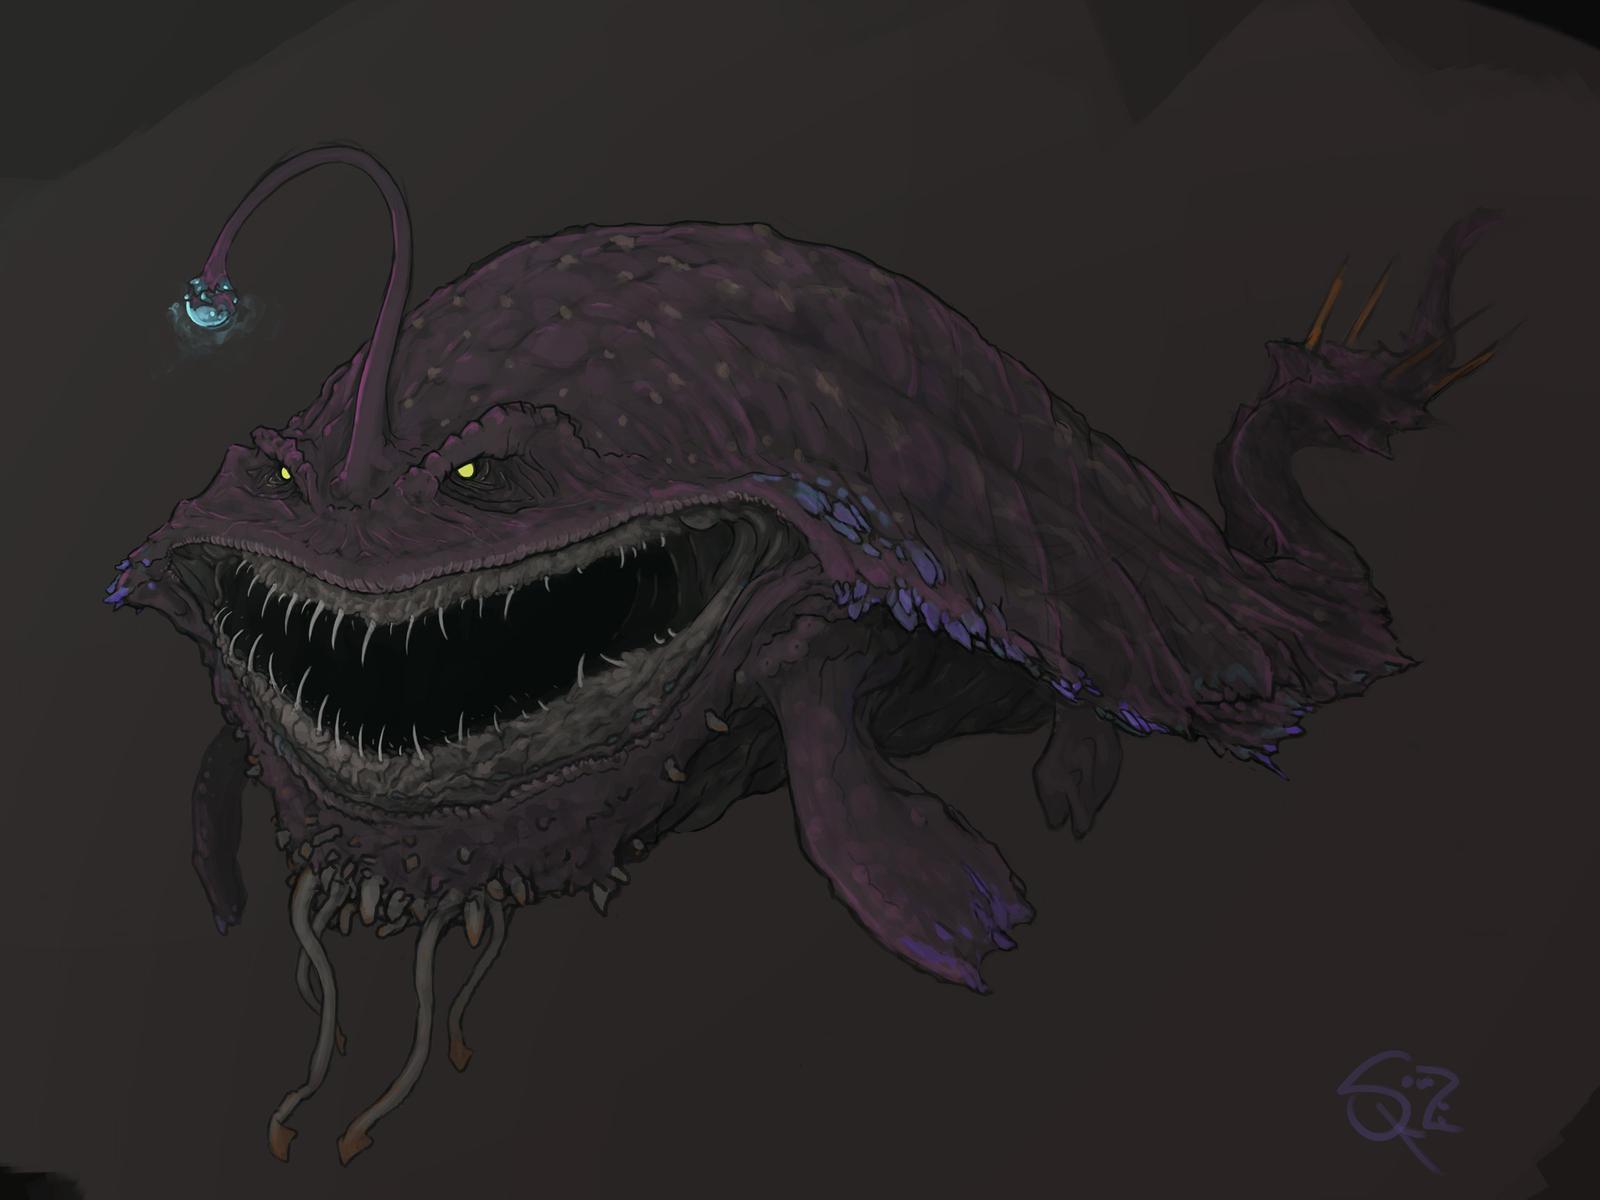 Gobul, the Lantern Fish Wyvern by Halycon450 on DeviantArt: halycon450.deviantart.com/art/Gobul-the-Lantern-Fish-Wyvern-453833867